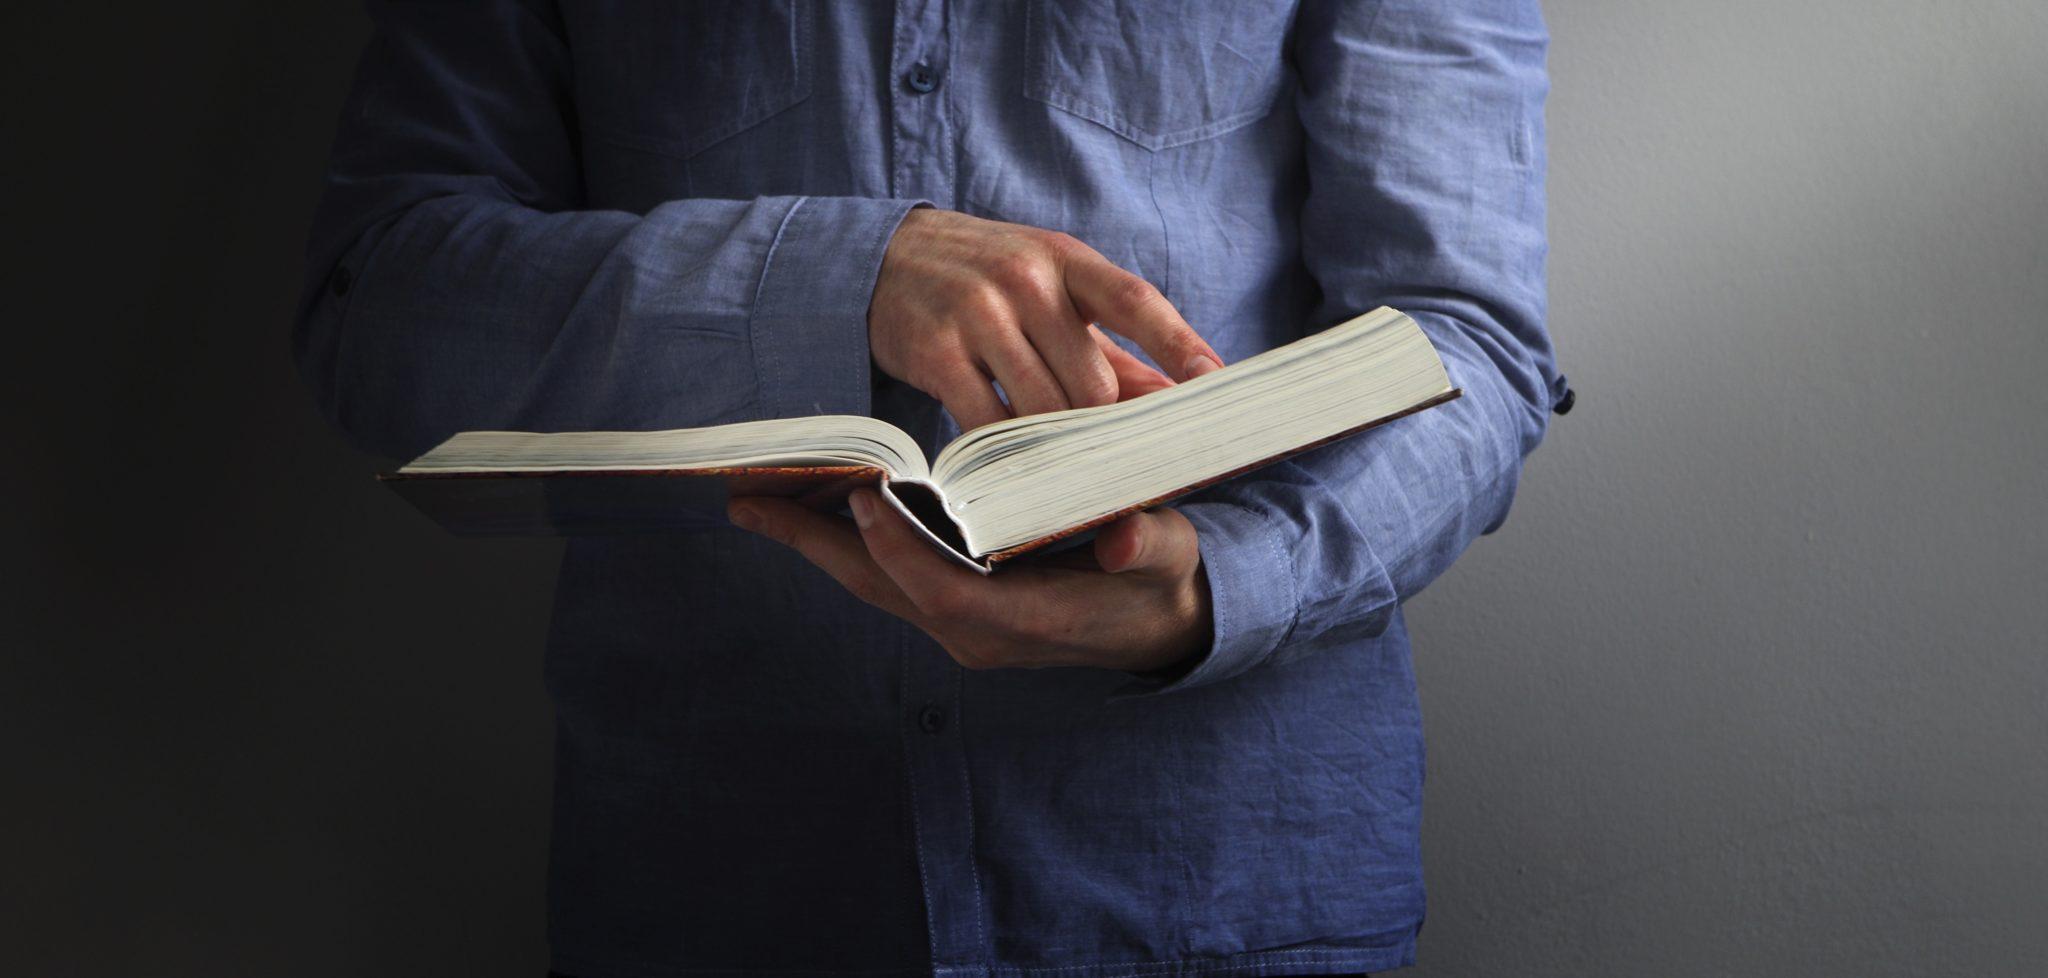 سرقت علمی پایان نامه چیست ؟ | نحوه رفع سرقت ادبی در پایان نامه